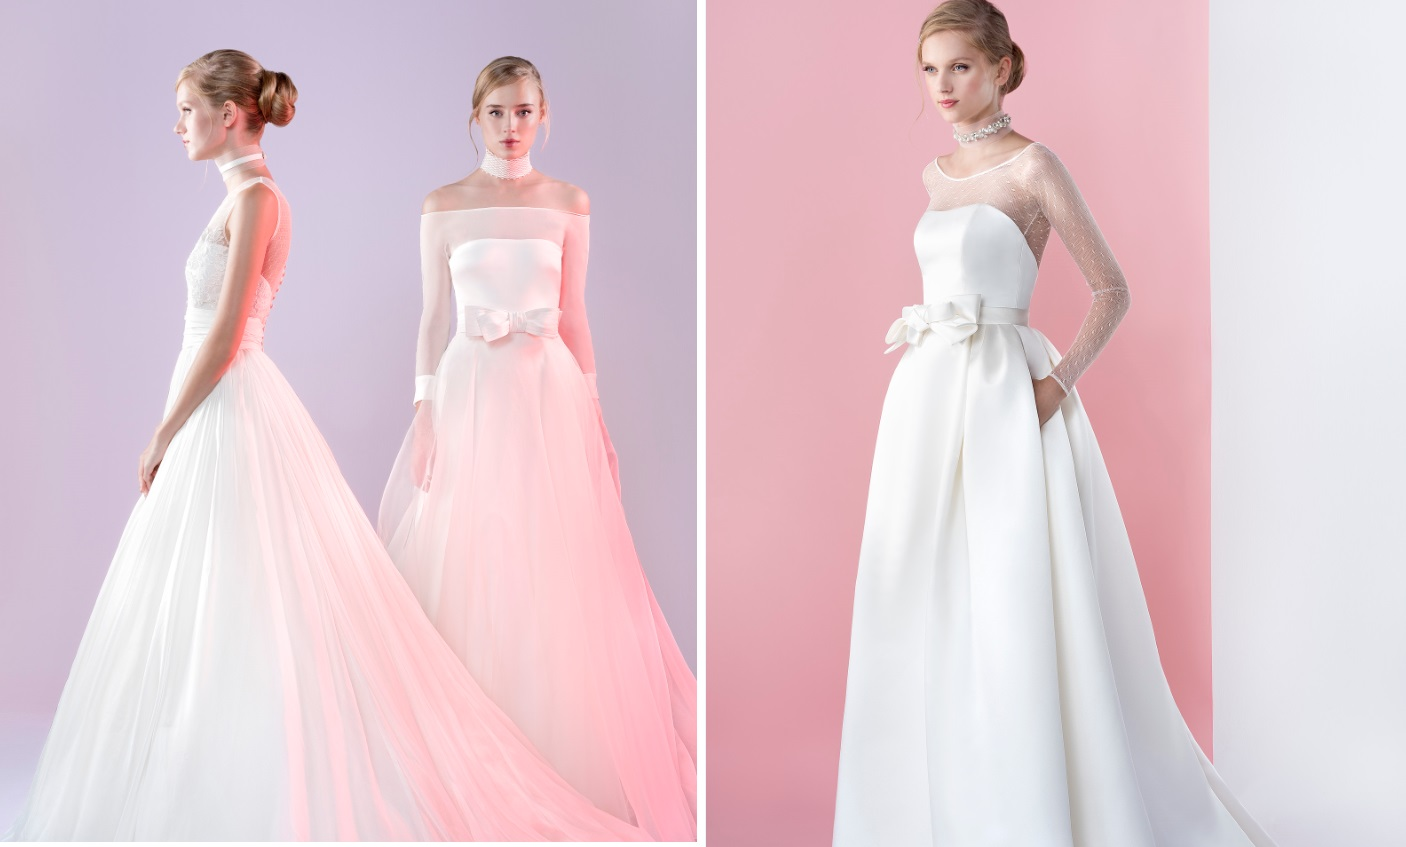 Lujo Trajes De Novia Maryland Fotos - Colección de Vestidos de Boda ...